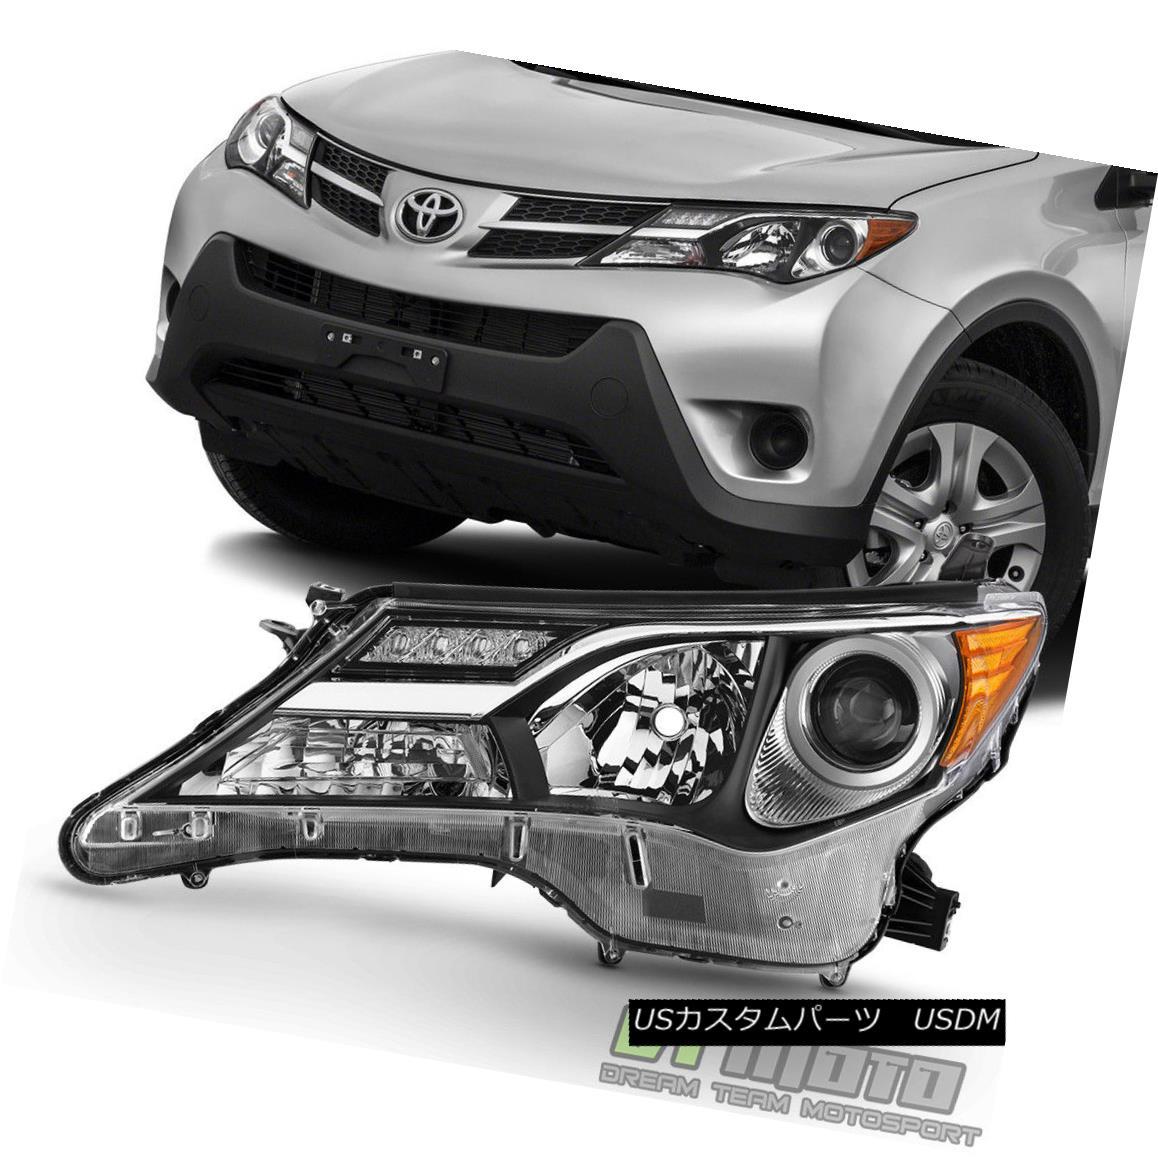 ヘッドライト 2013 2014 2015 Toyota RAV4 RAV-4 Headlight Headlamp Replacment Left Driver Side 2013年2014年2015年トヨタRAV4 RAV-4ヘッドライトヘッドランプ代替左ドライバ側